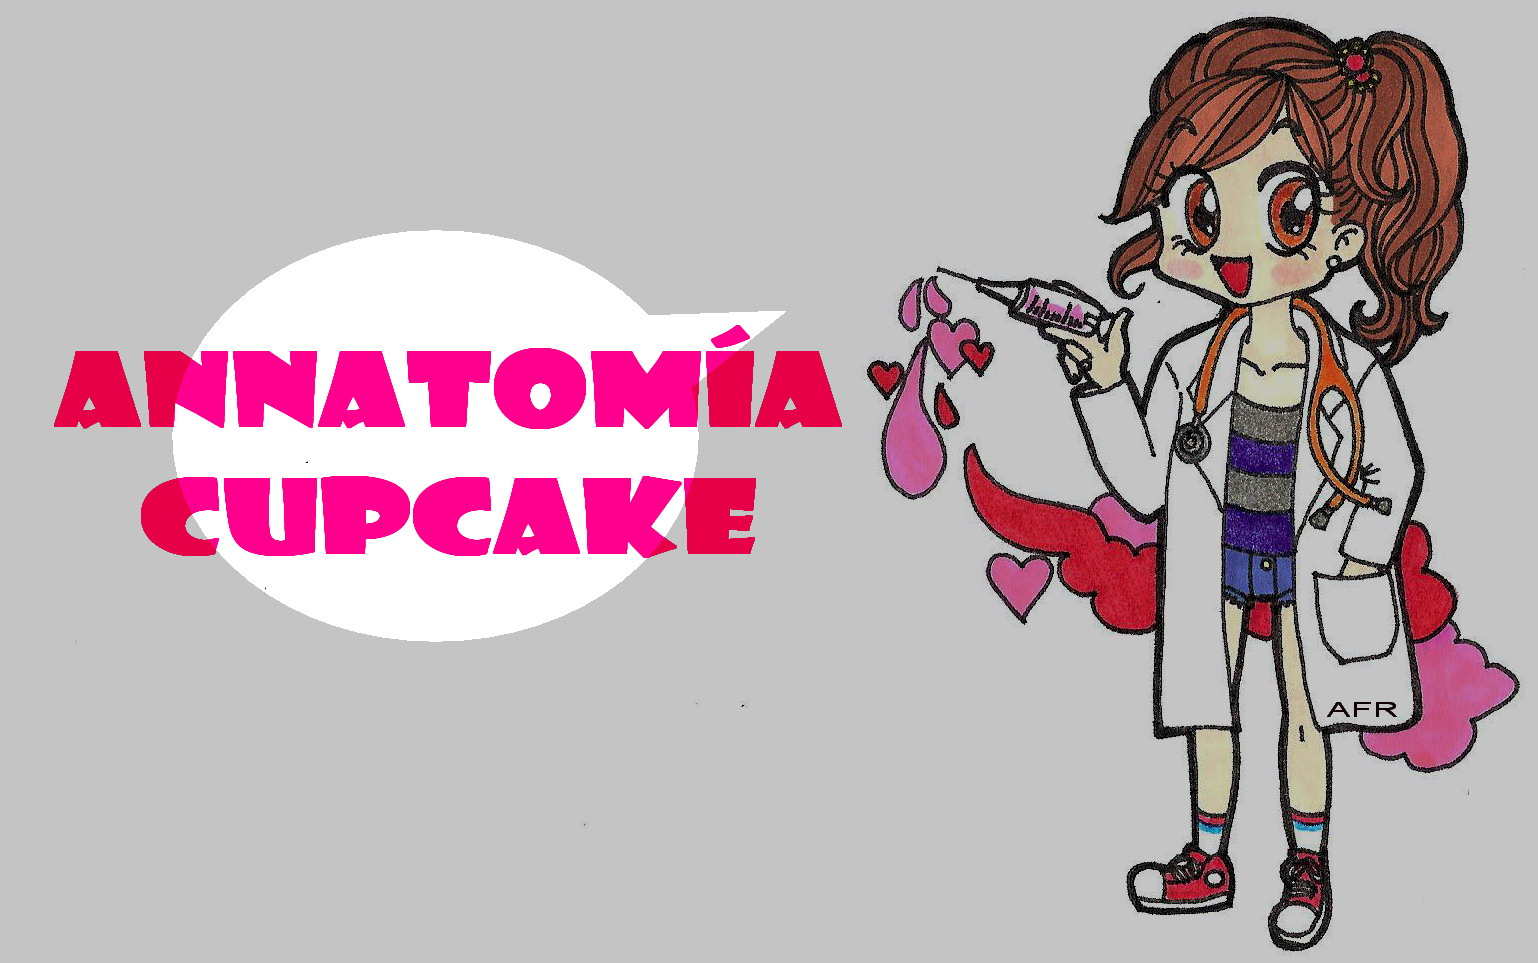 annatomía cupcake